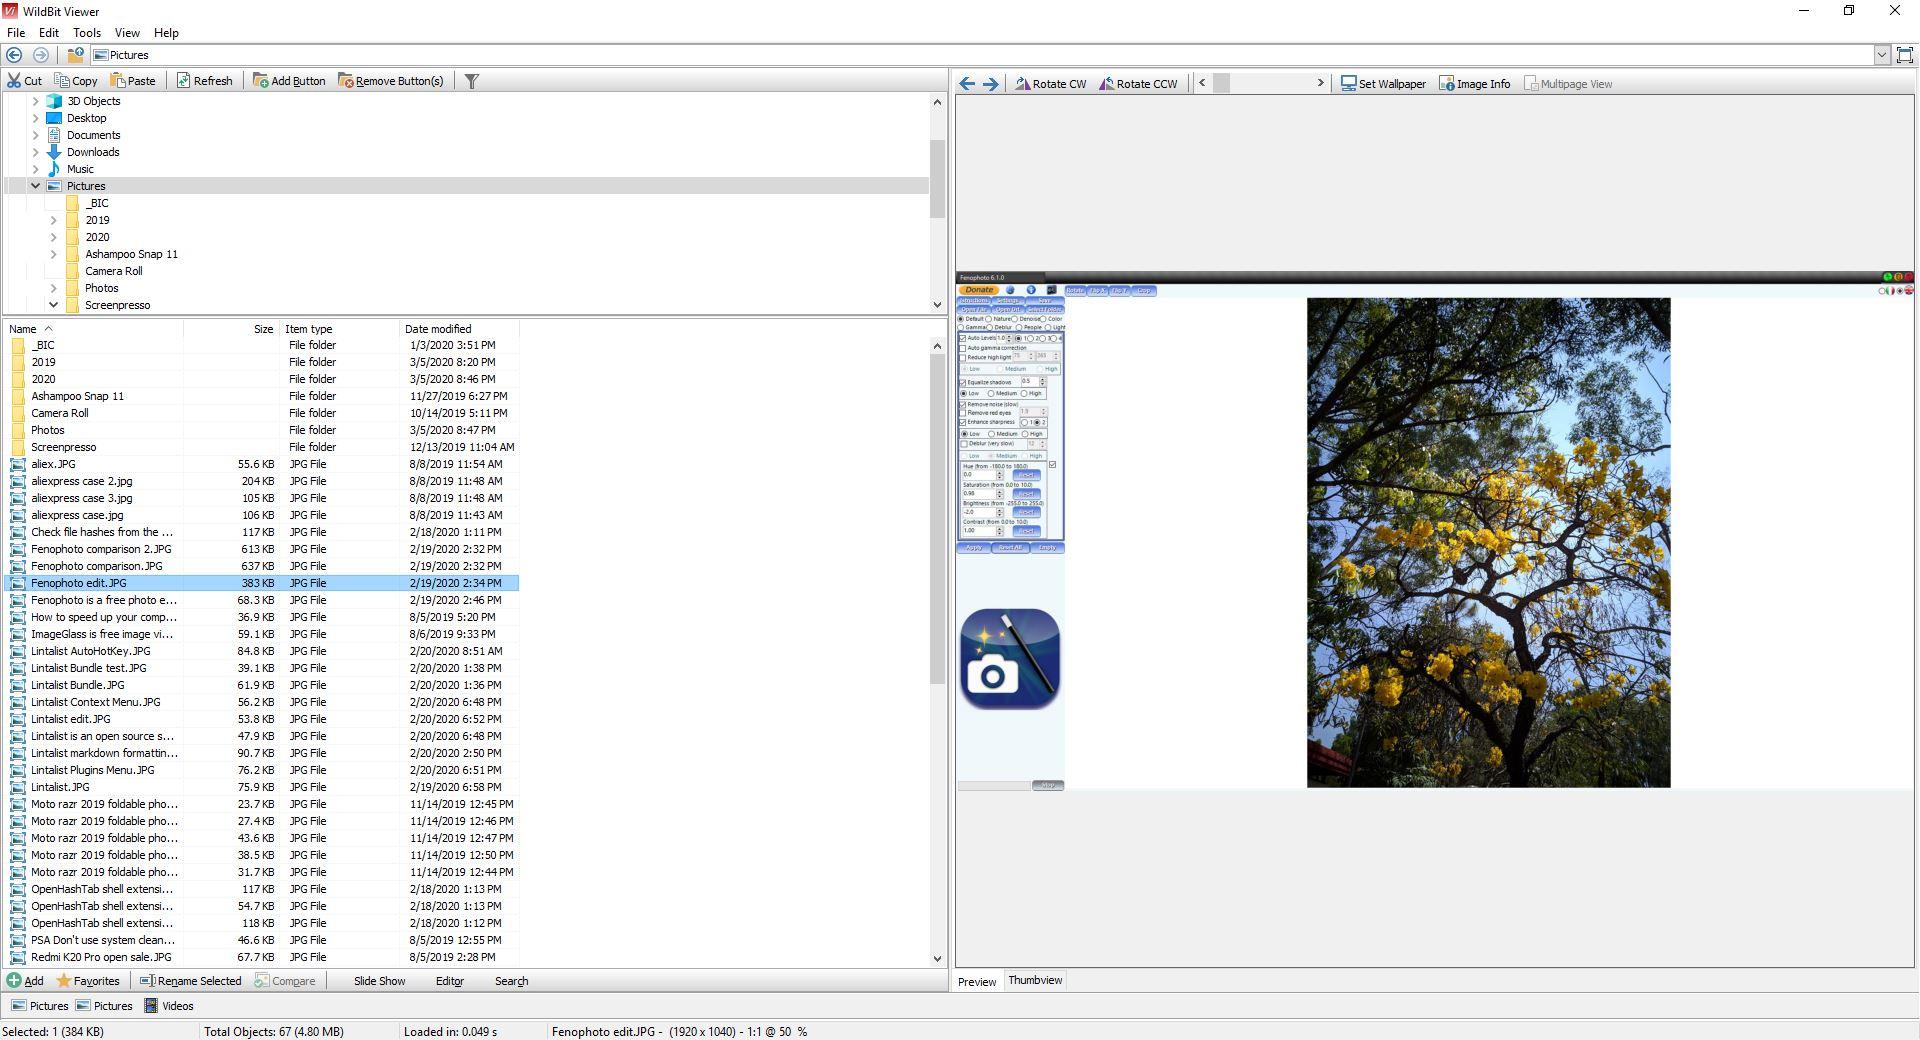 WildBit Viewer es un visor de imágenes gratuito que viene con un editor, un renombrador por lotes, una herramienta de presentación de diapositivas y más